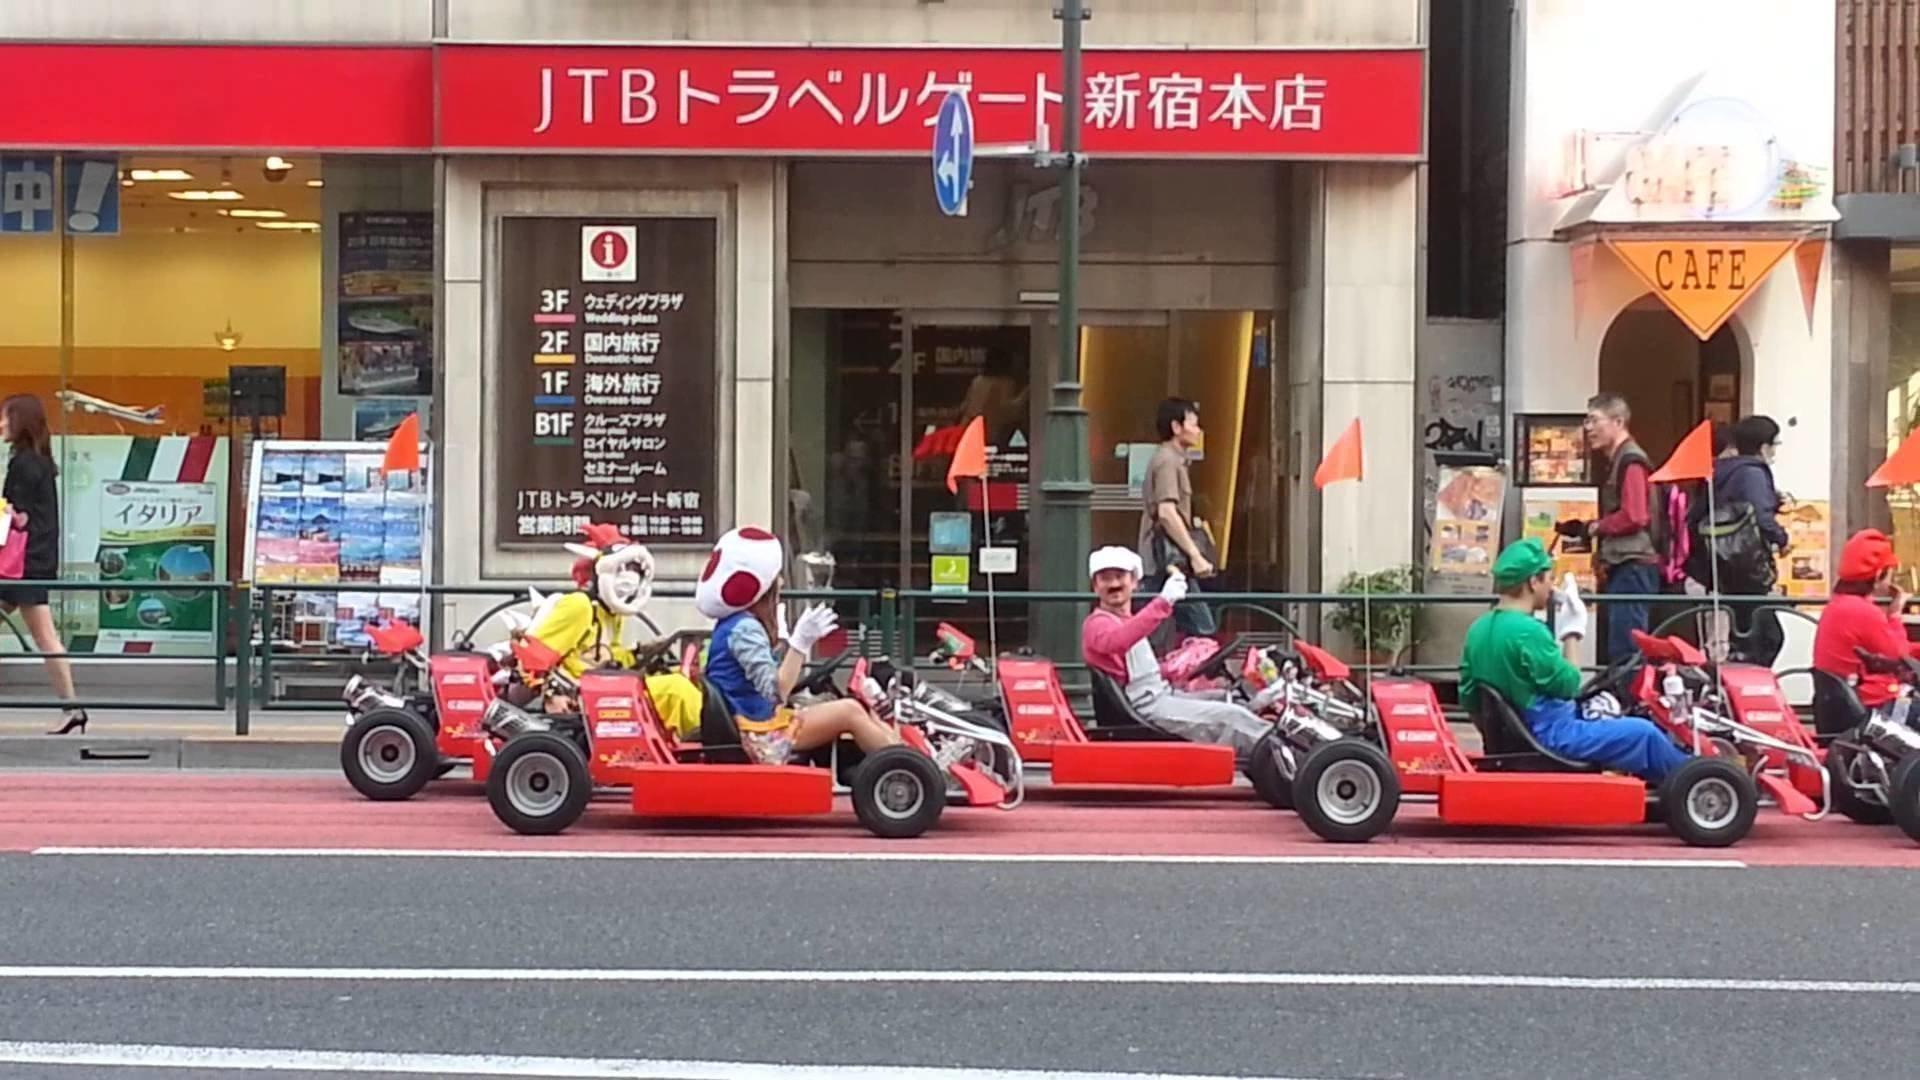 Милиция Токио призвала организаторов картинг-туров обеспечить безопасность туристов